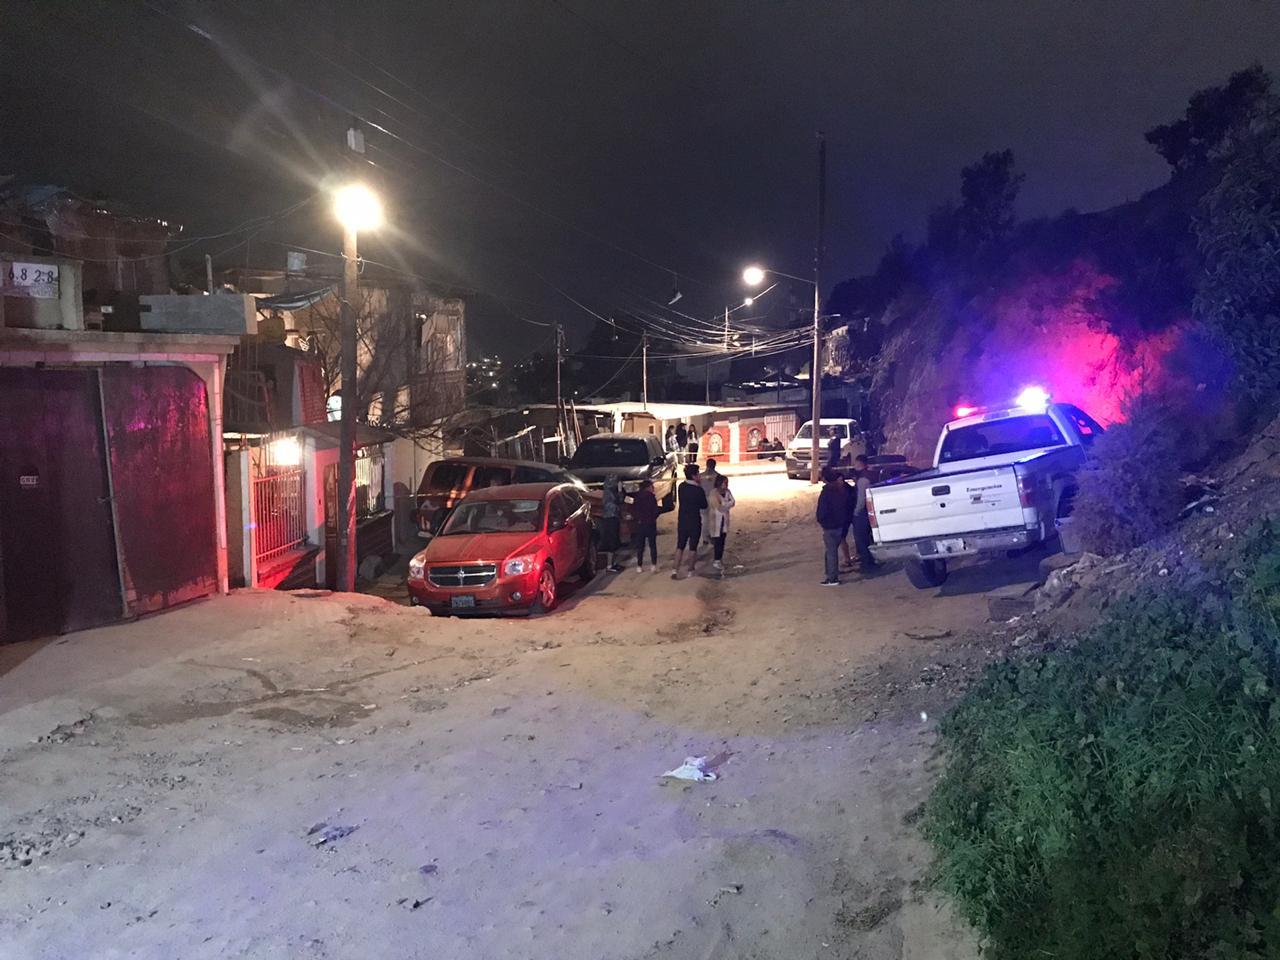 ejecución, hombre, arma de fuego, policíaco, Tijuana, local, Baja California